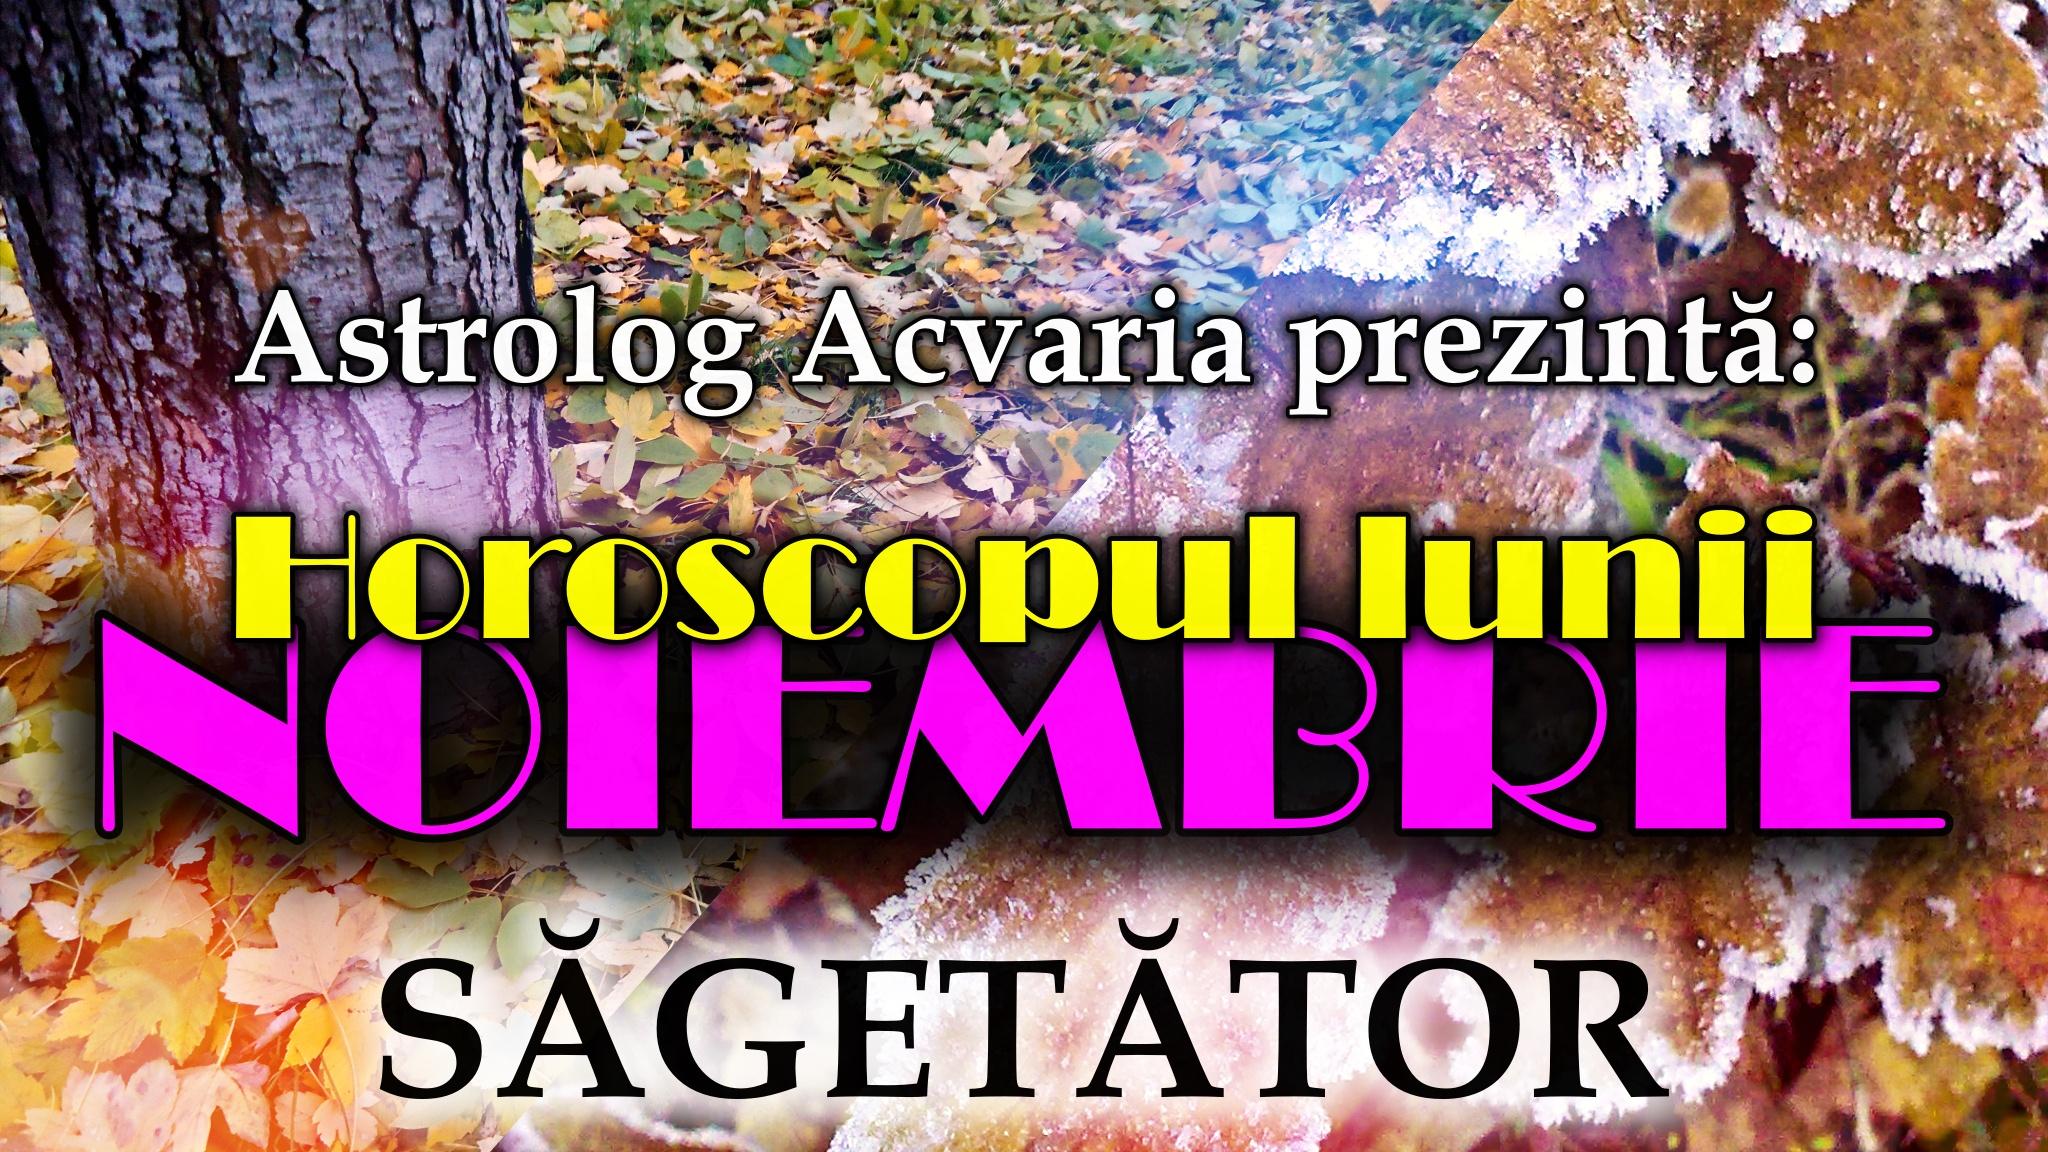 Horoscopul lunii NOIEMBRIE * Zodia SAGETATORULUI